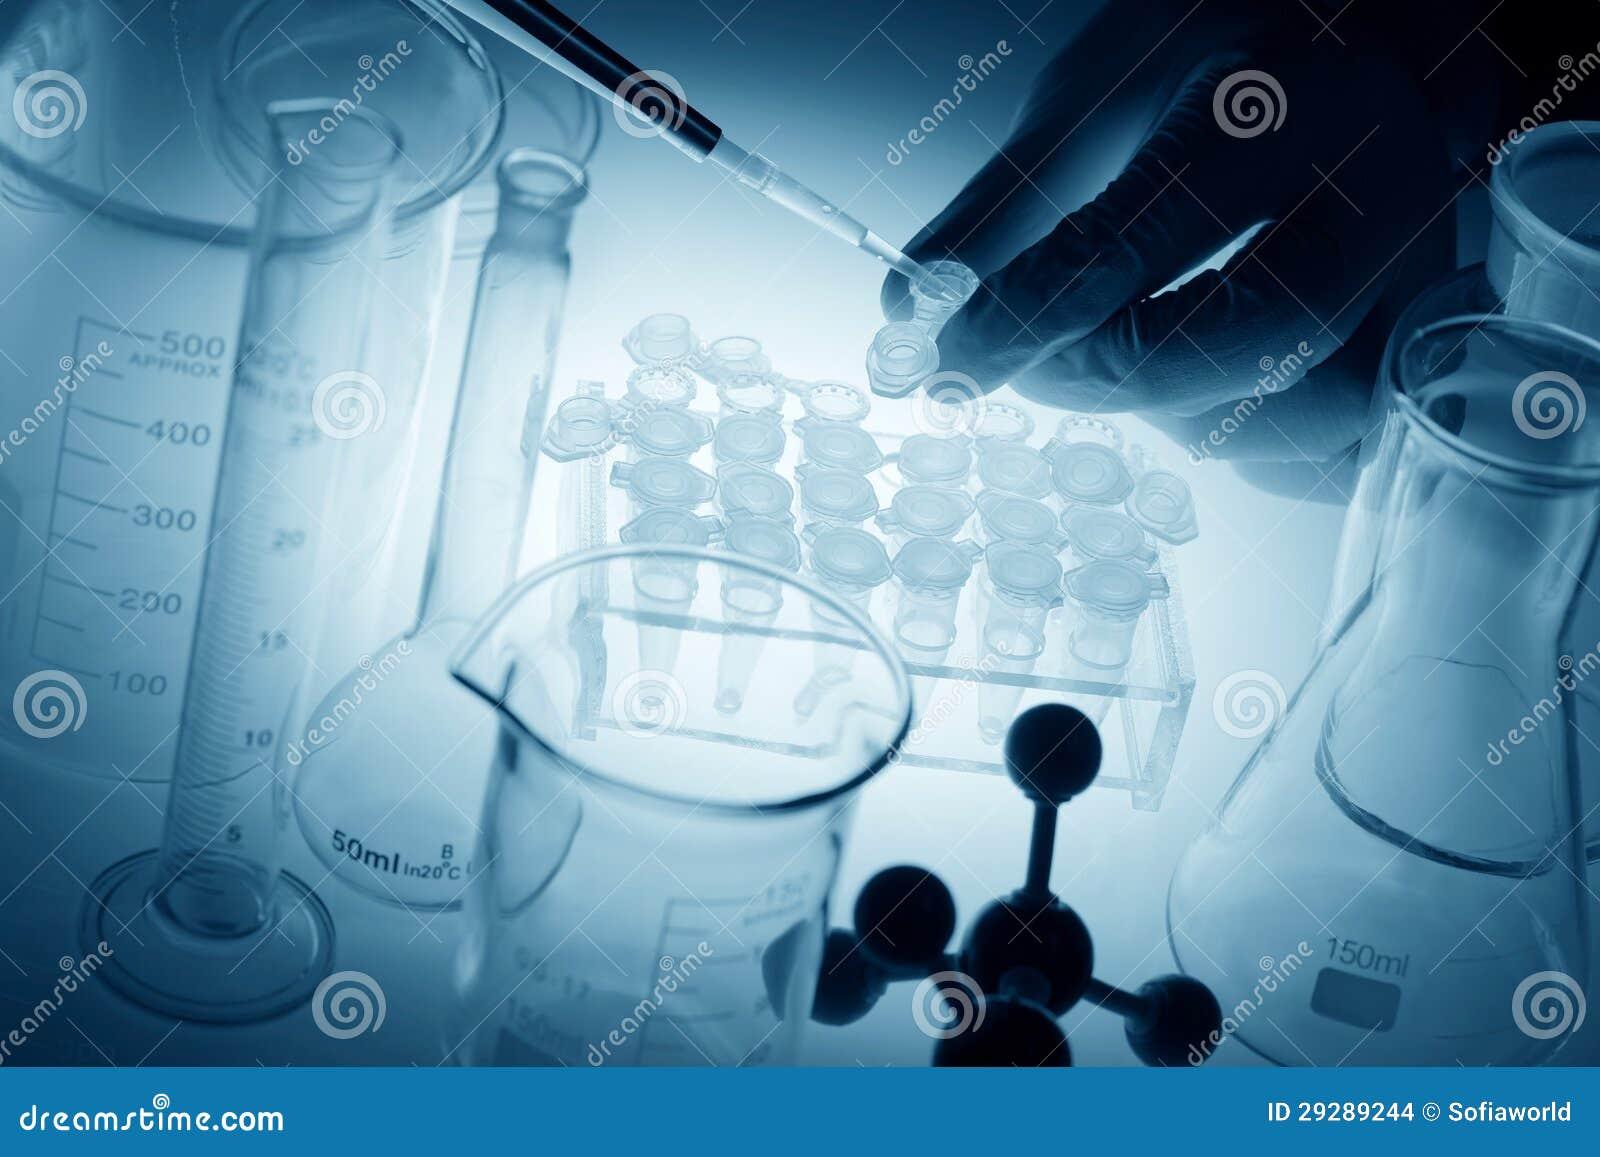 Nauka i badania medyczne